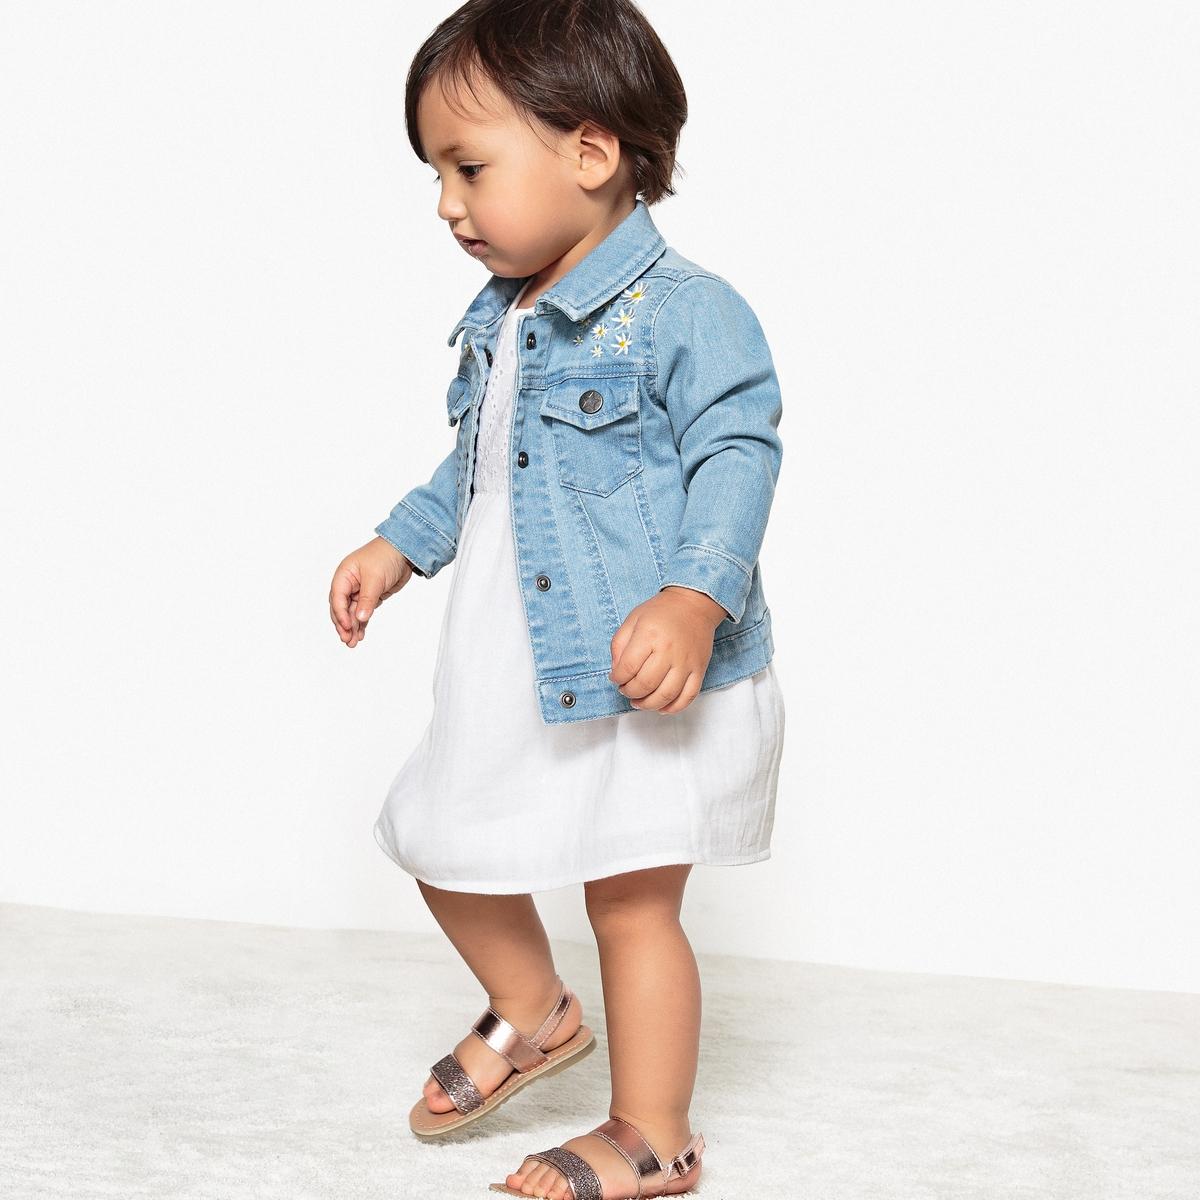 Жакет джинсовый с вышивкой 3 мес - 3 лет